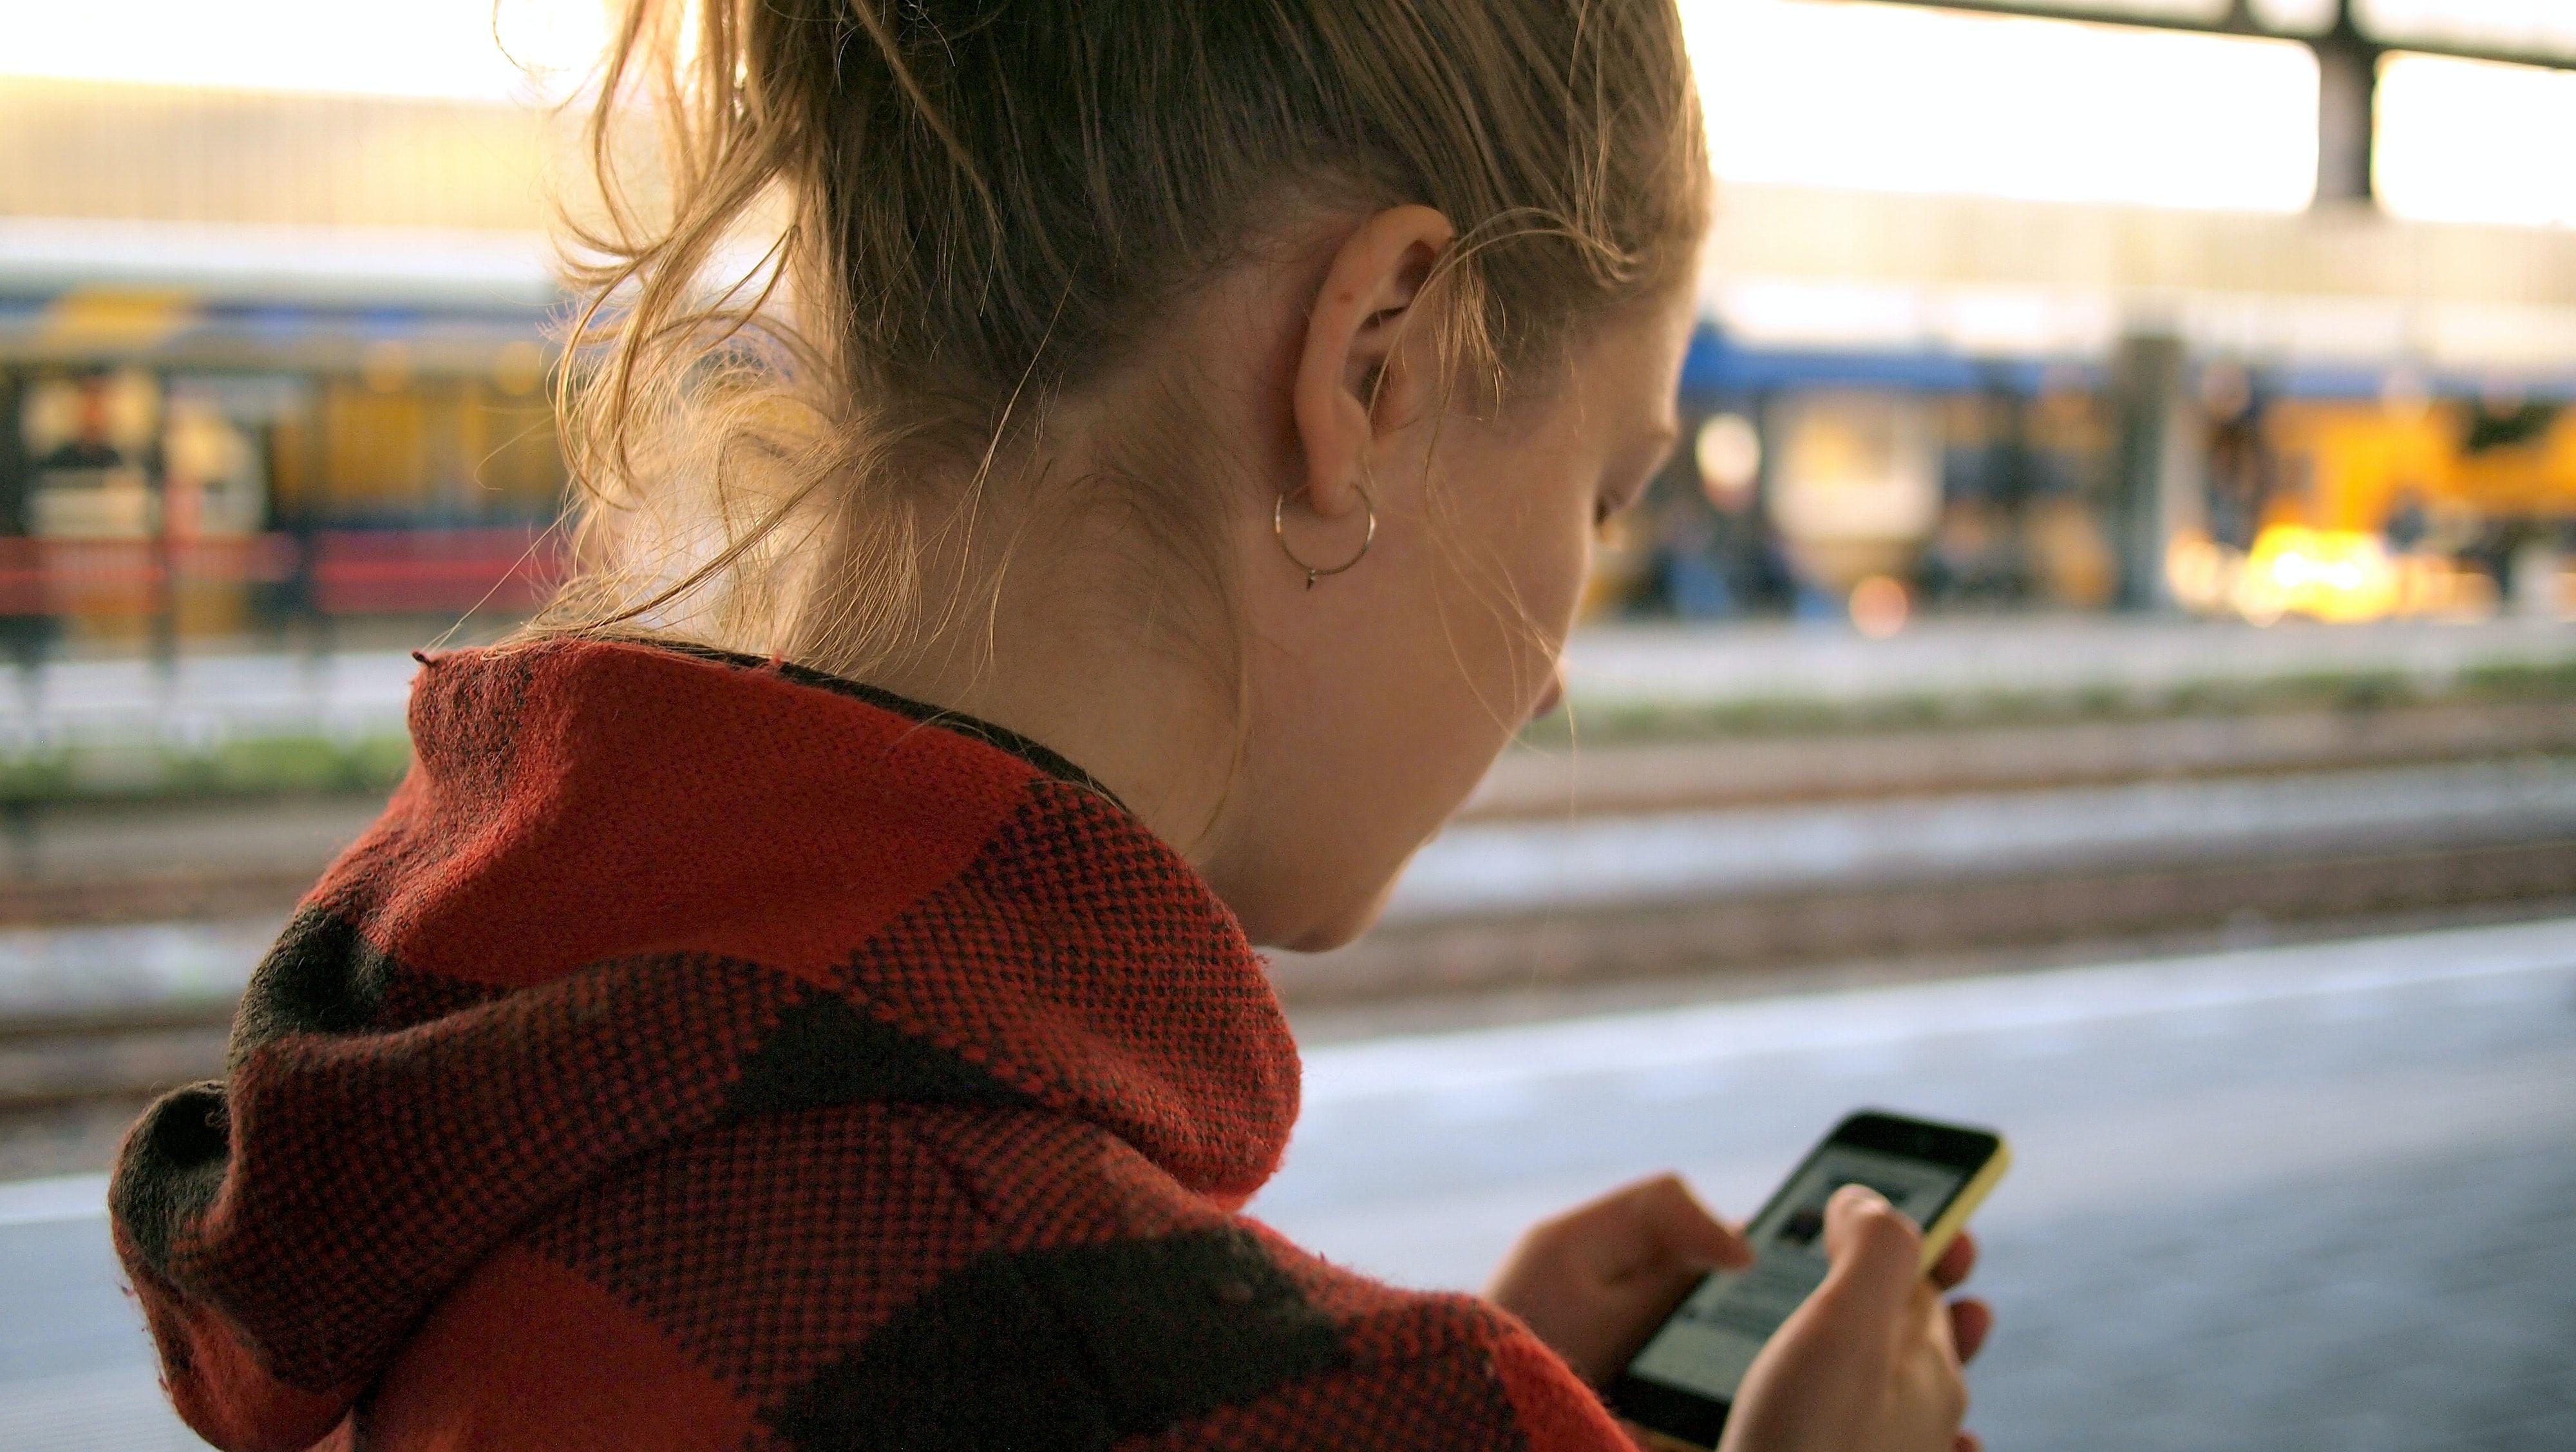 /the-millennial-driven-fintech-revolution-js1x33x0 feature image